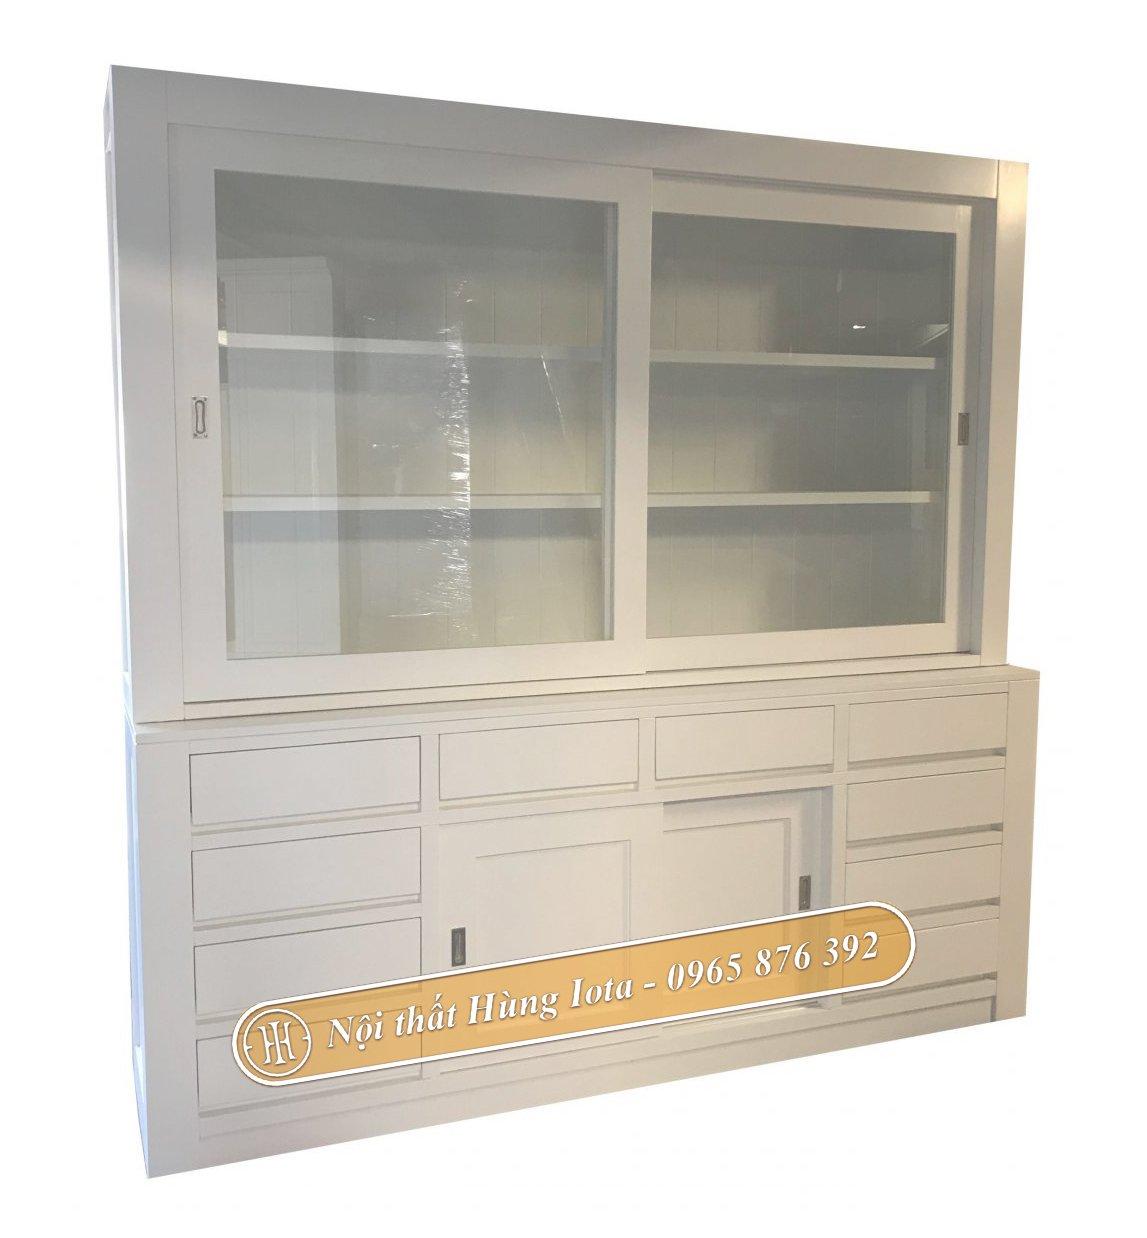 Tủ trưng bày mỹ phẩm đẹp cửa kính lùa màu trắng